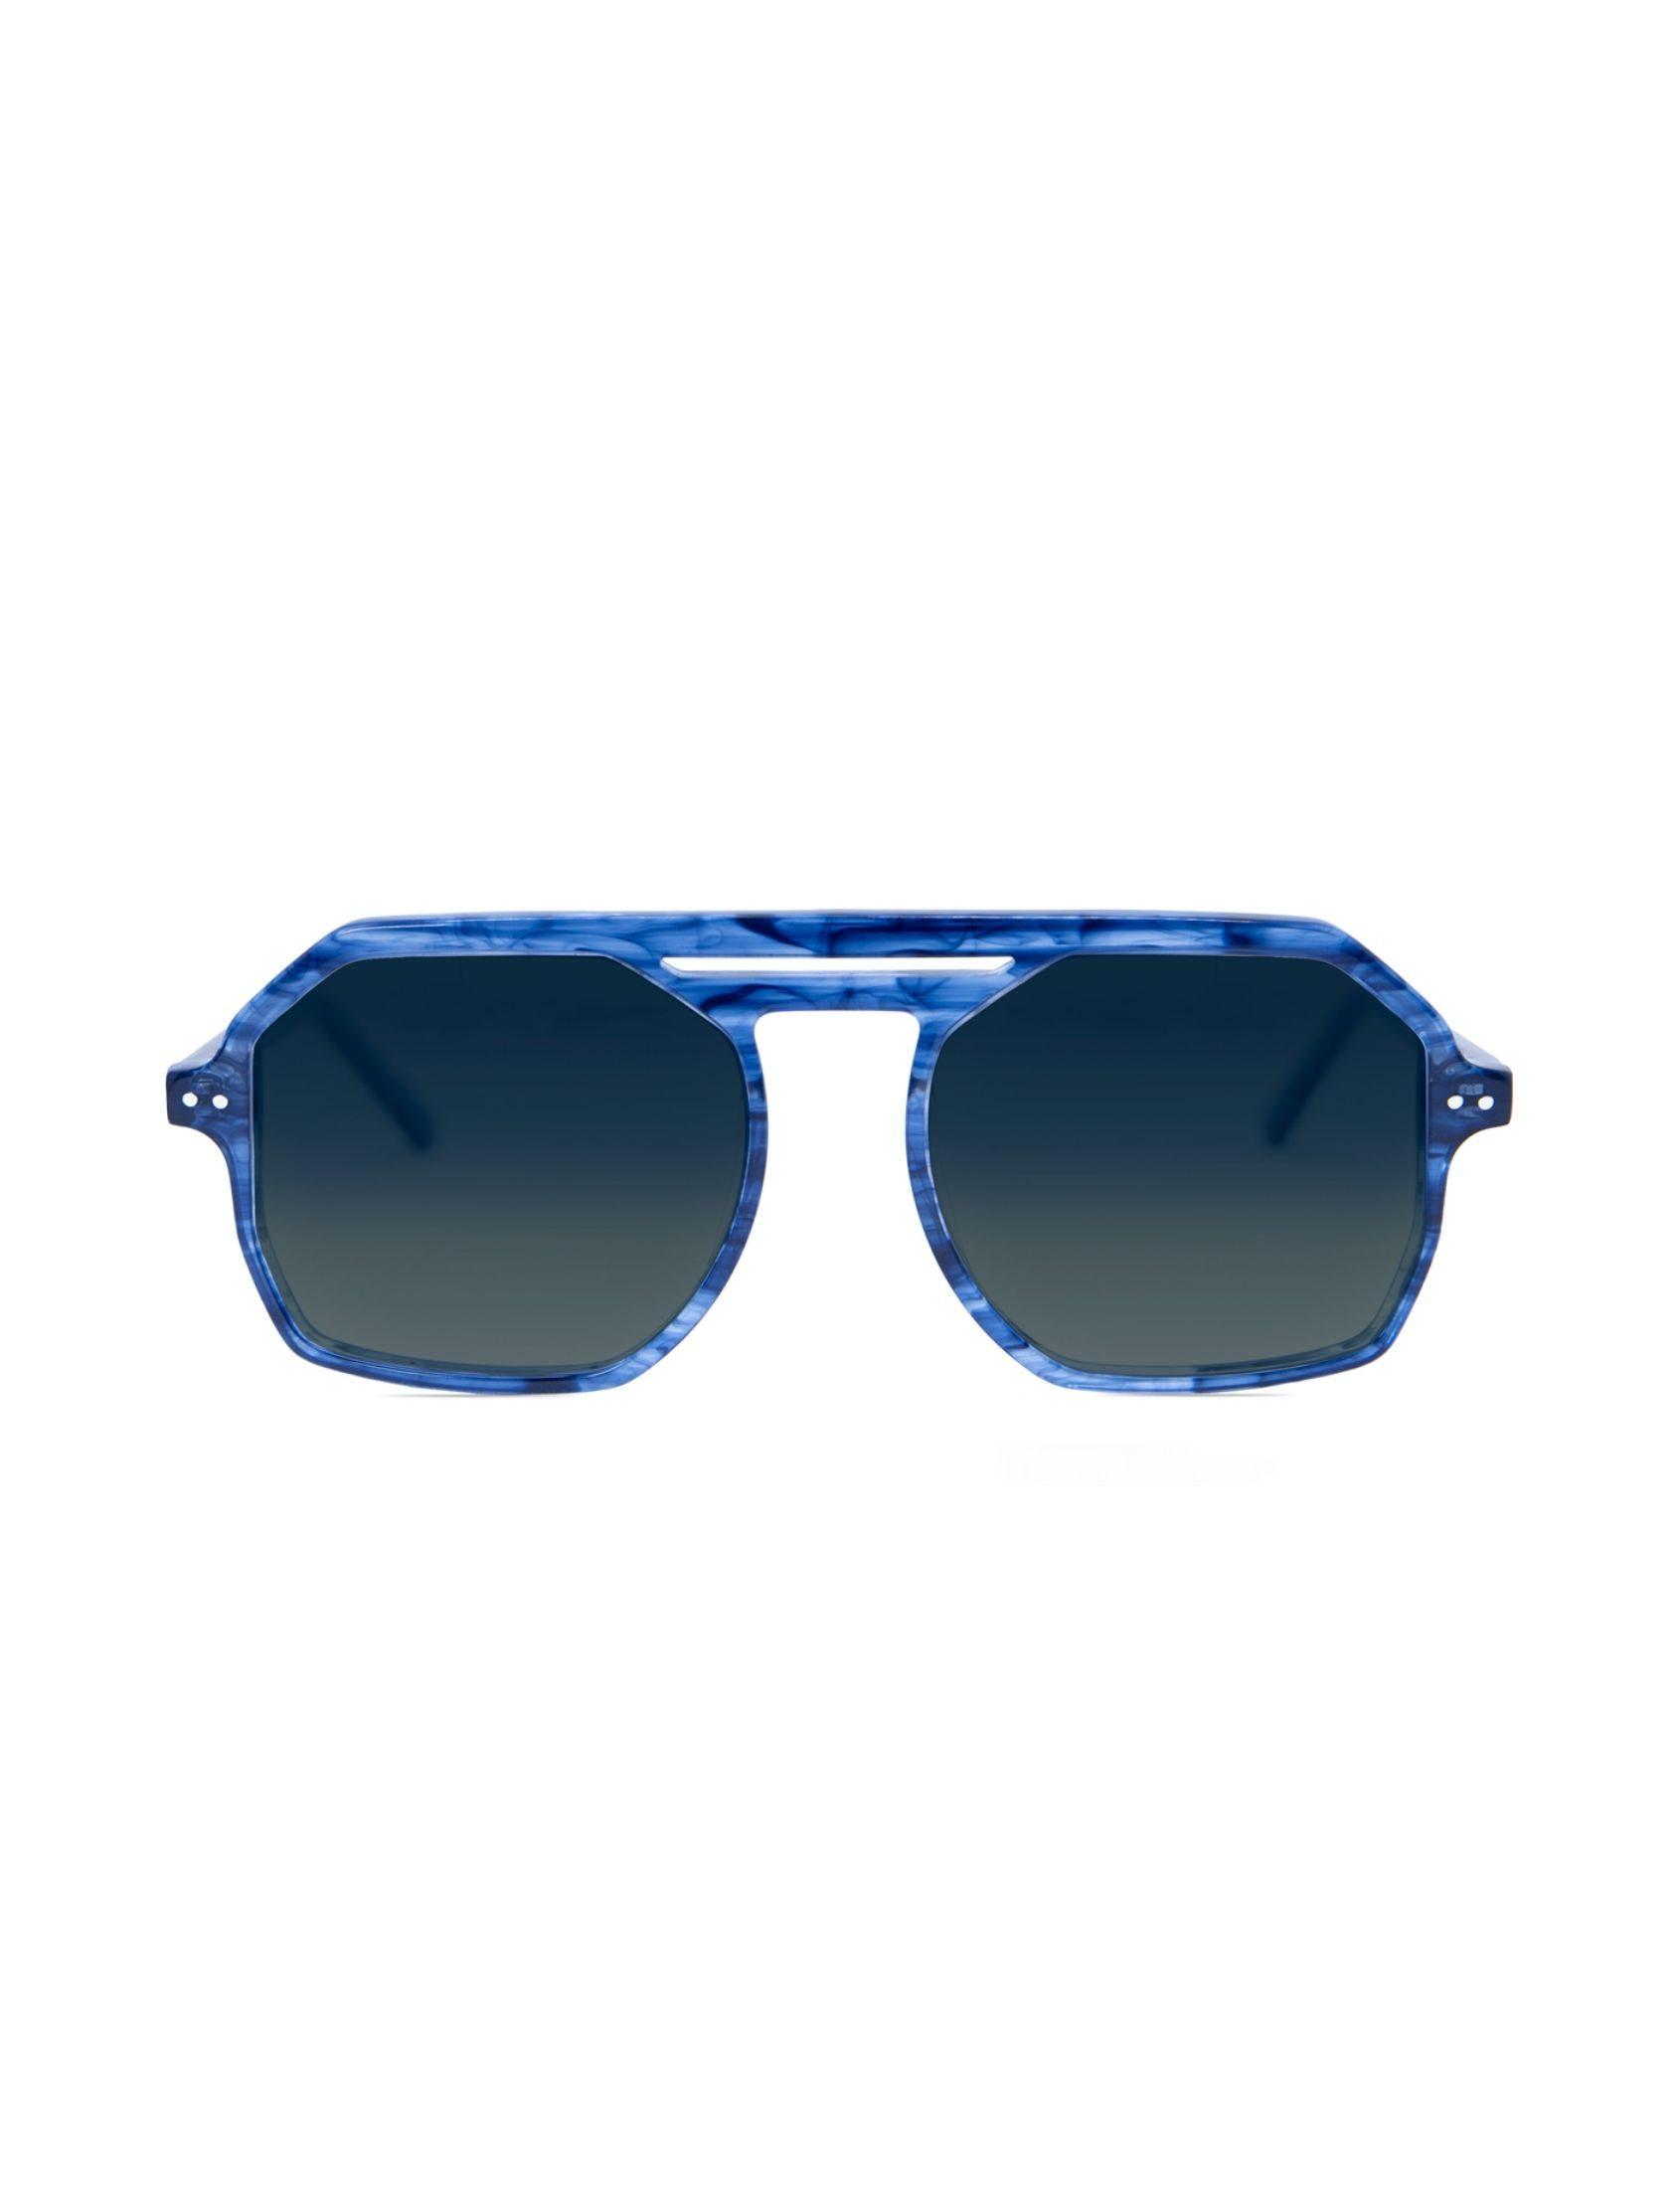 gafa de sol unisex parton neptune en tonos azul con lente polarizada y puente